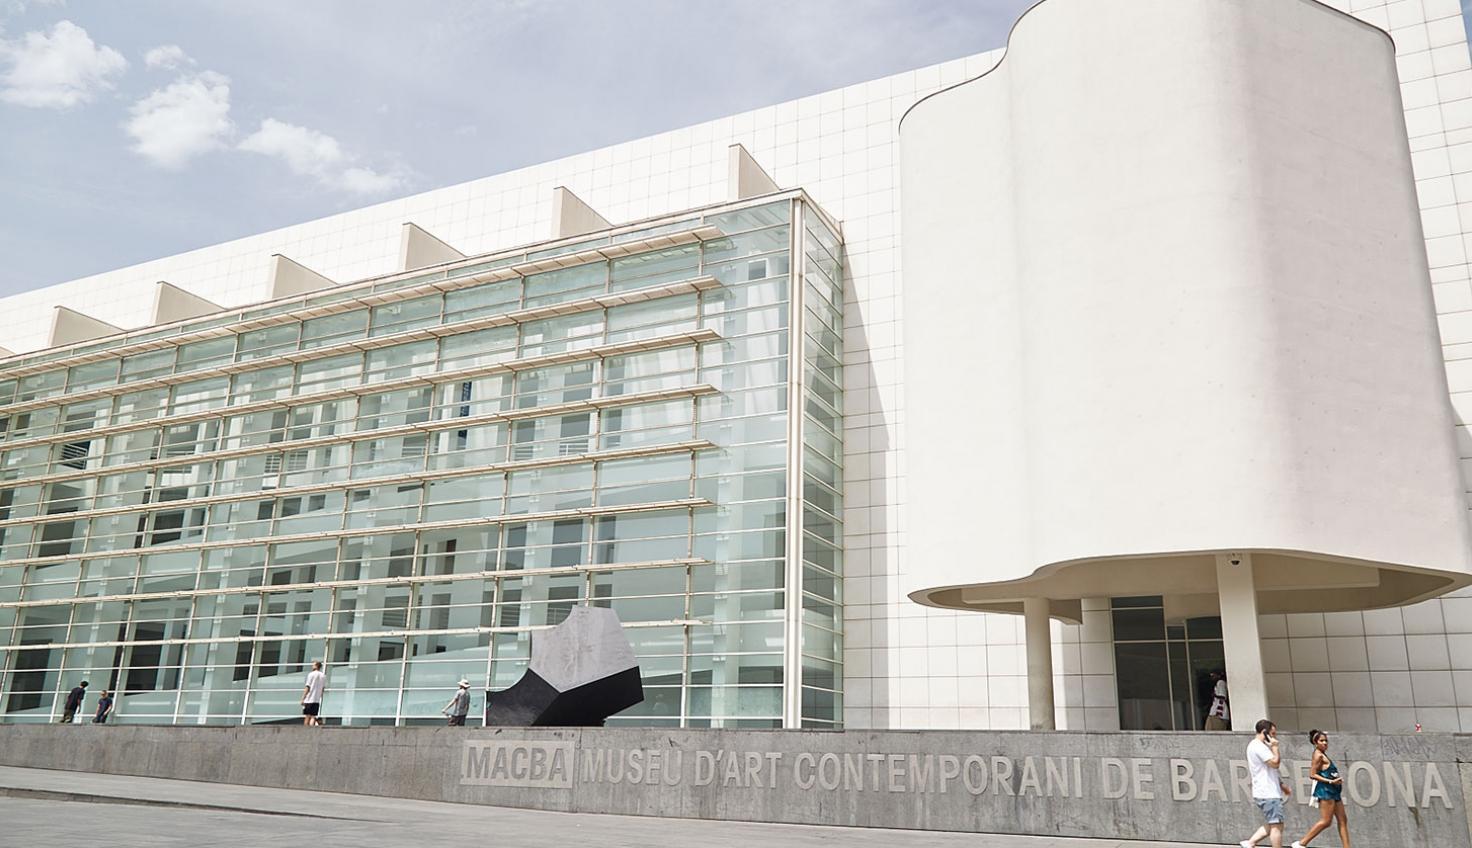 Foto MACBA - Museu d'Art Contemporani de Barcelona